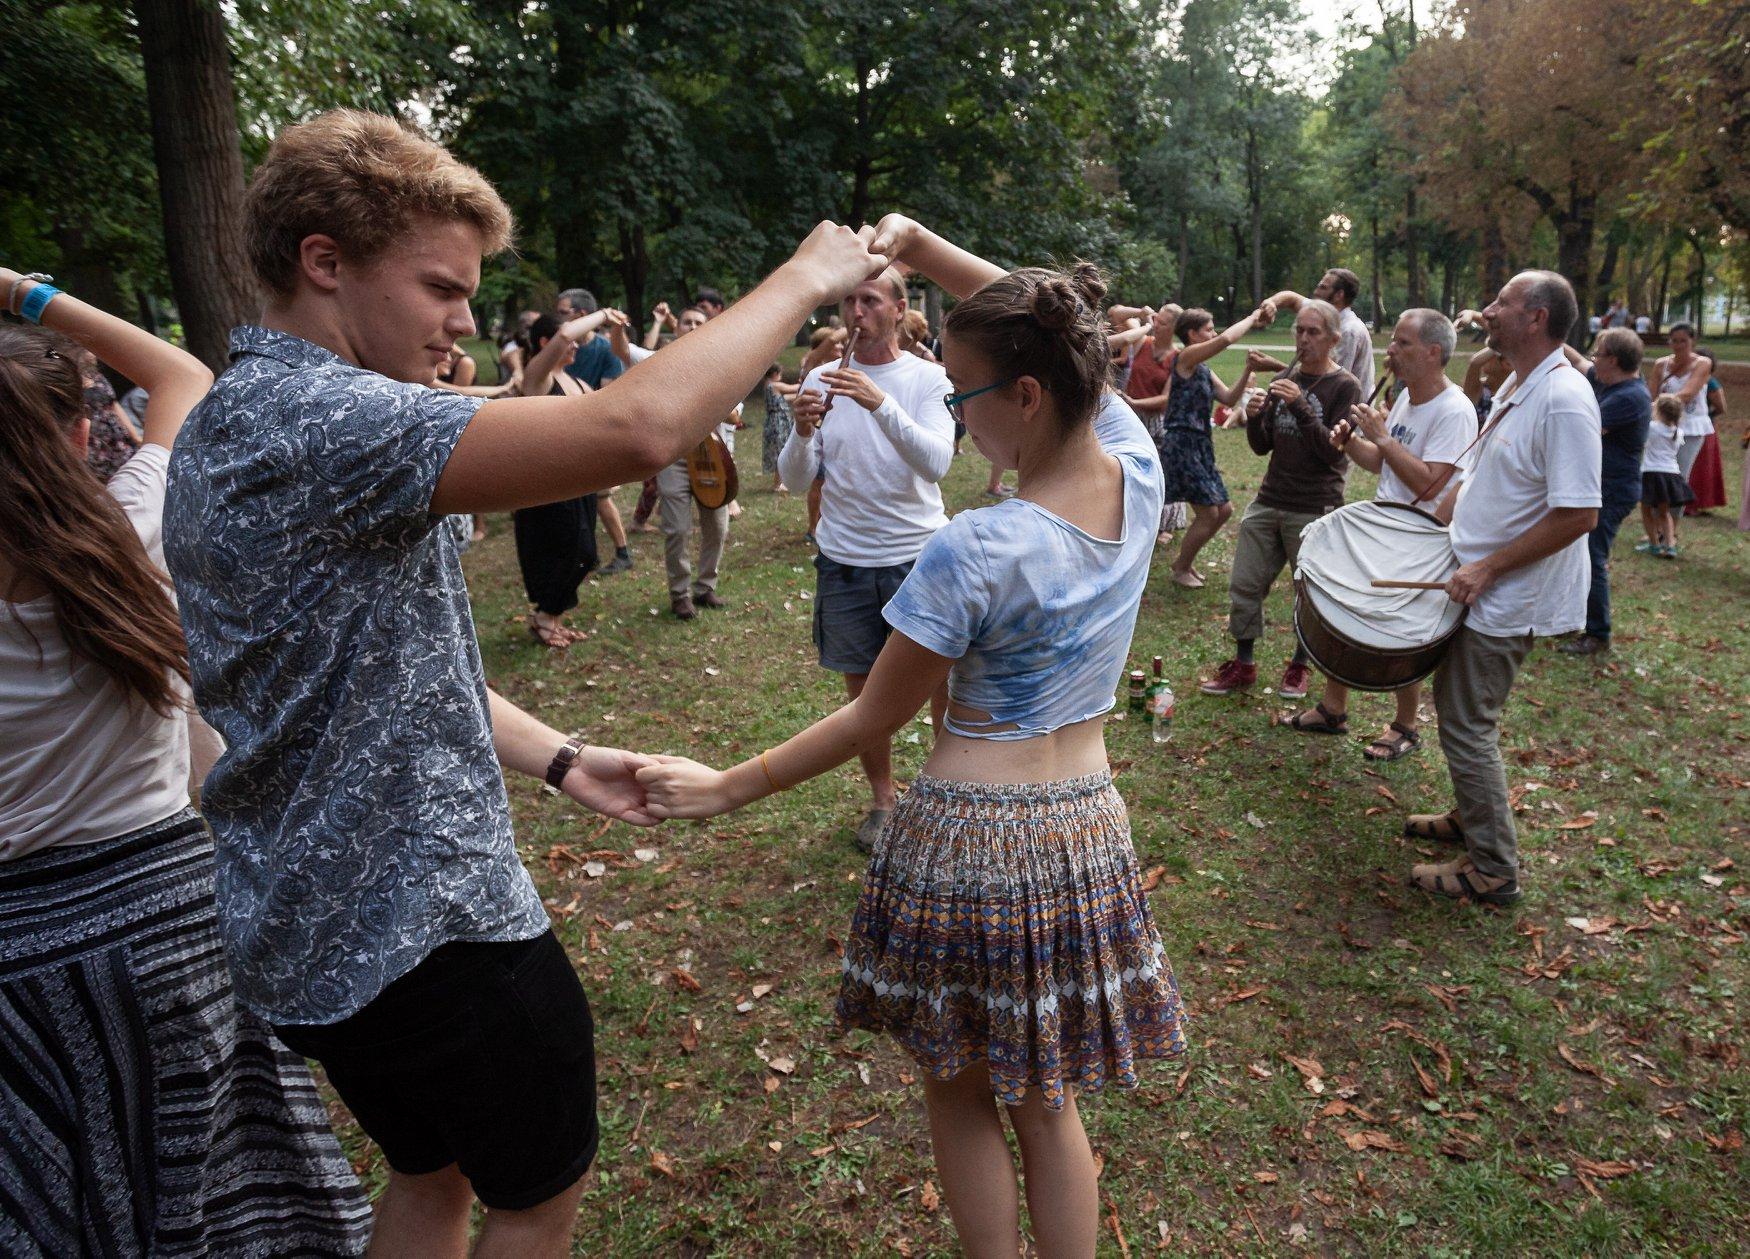 Gyűljünk a rétre! - Moldvai táncház a Margitszigeten (07.11.)